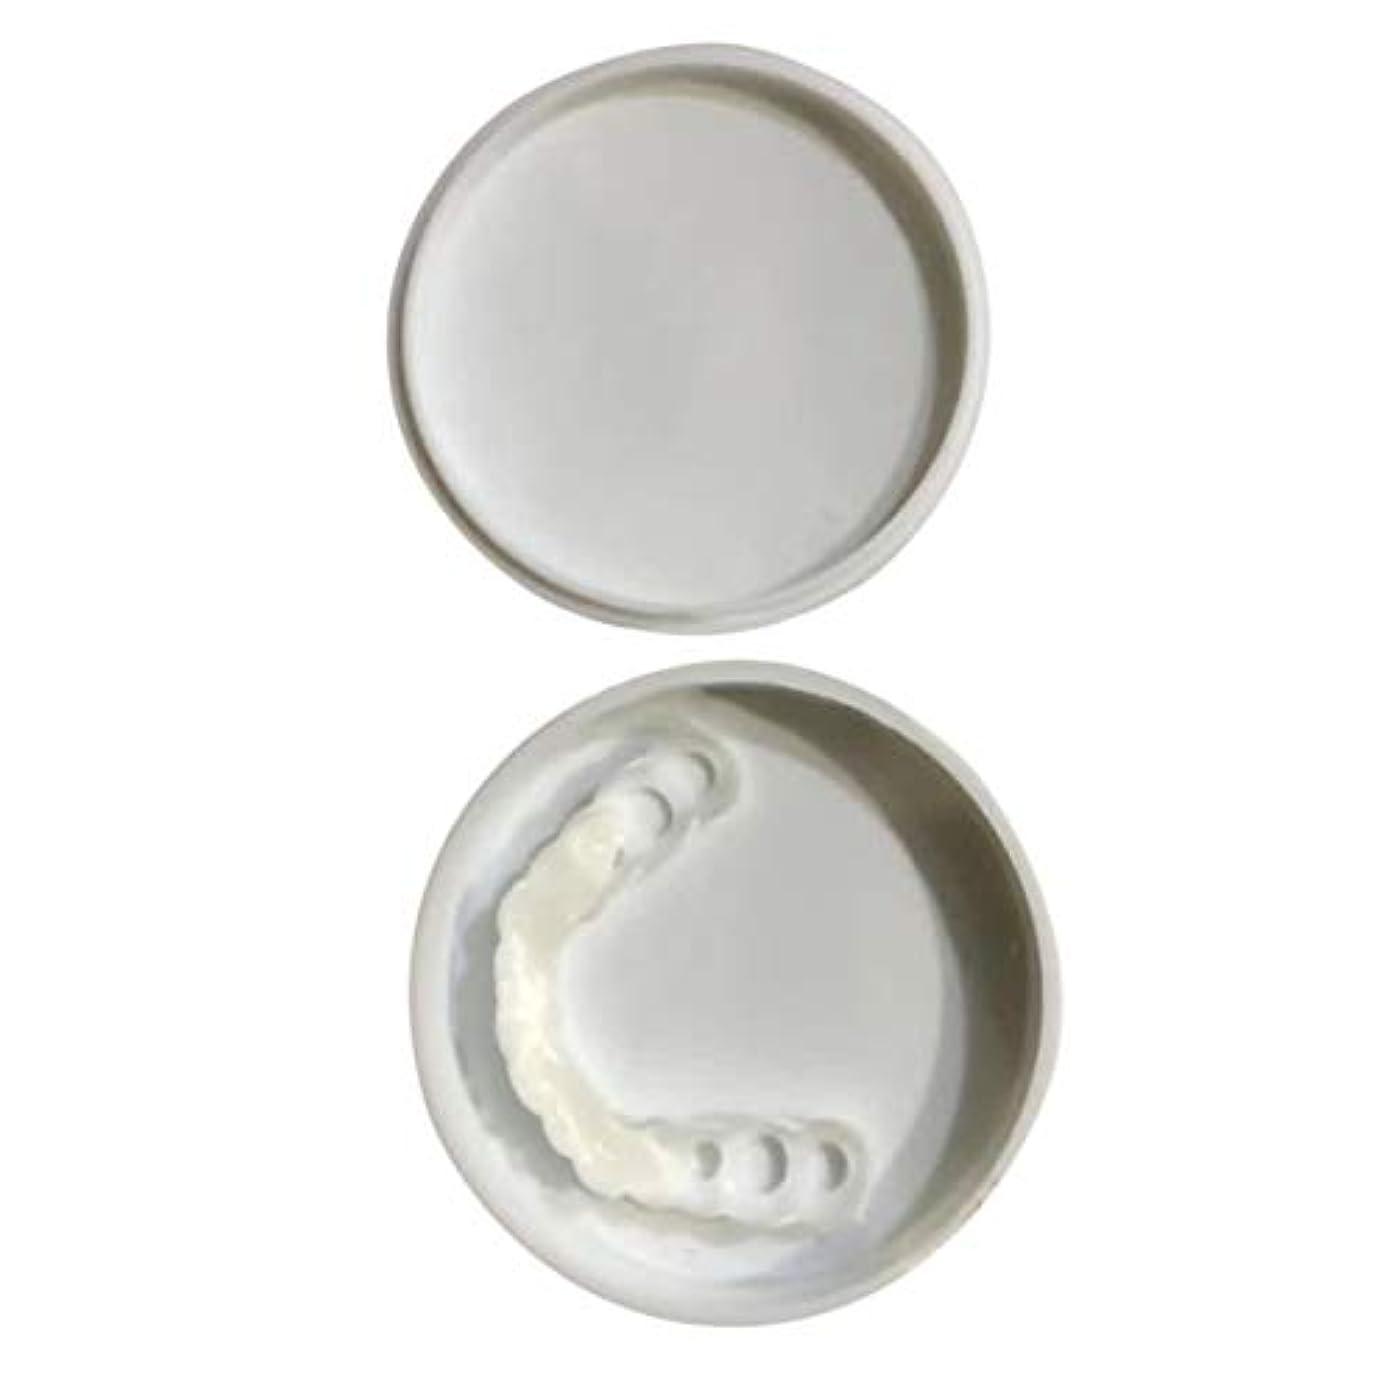 プランテーション省略する巨大快適なスナップオン男性女性歯インスタントパーフェクトスマイルコンフォートフィットフレックス歯フィットホワイトニング笑顔偽歯カバー - ホワイト